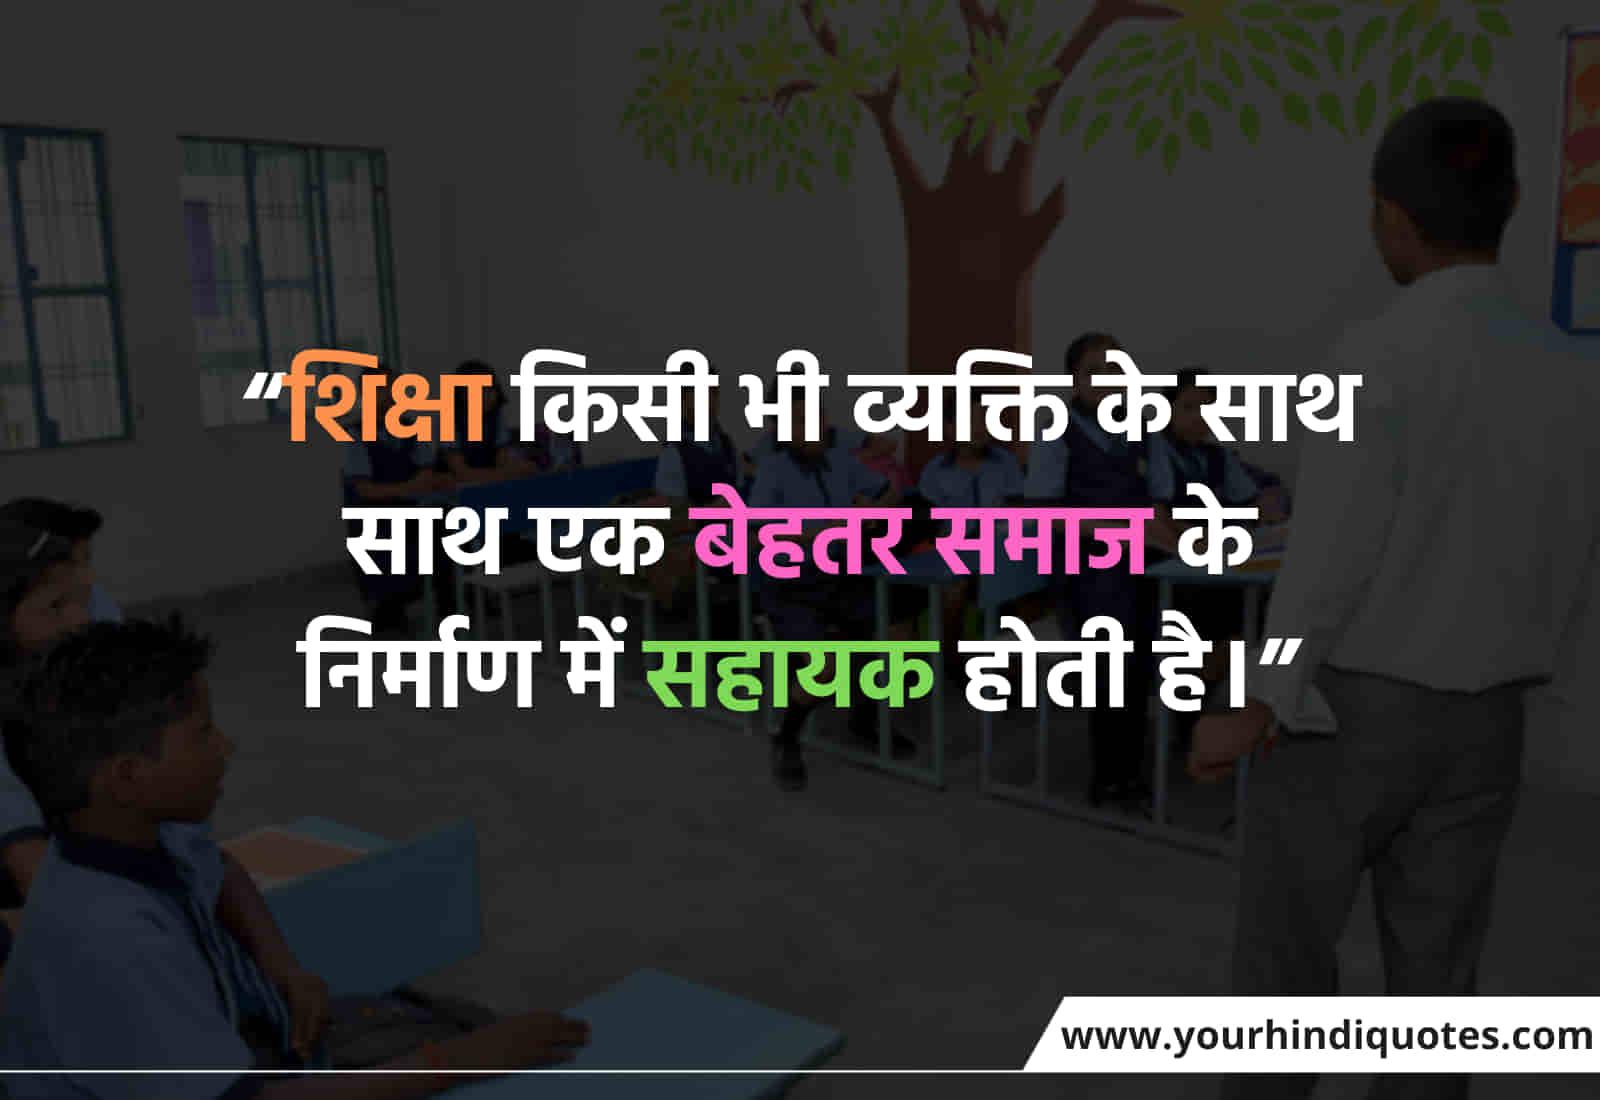 Hindi Educational Quotes